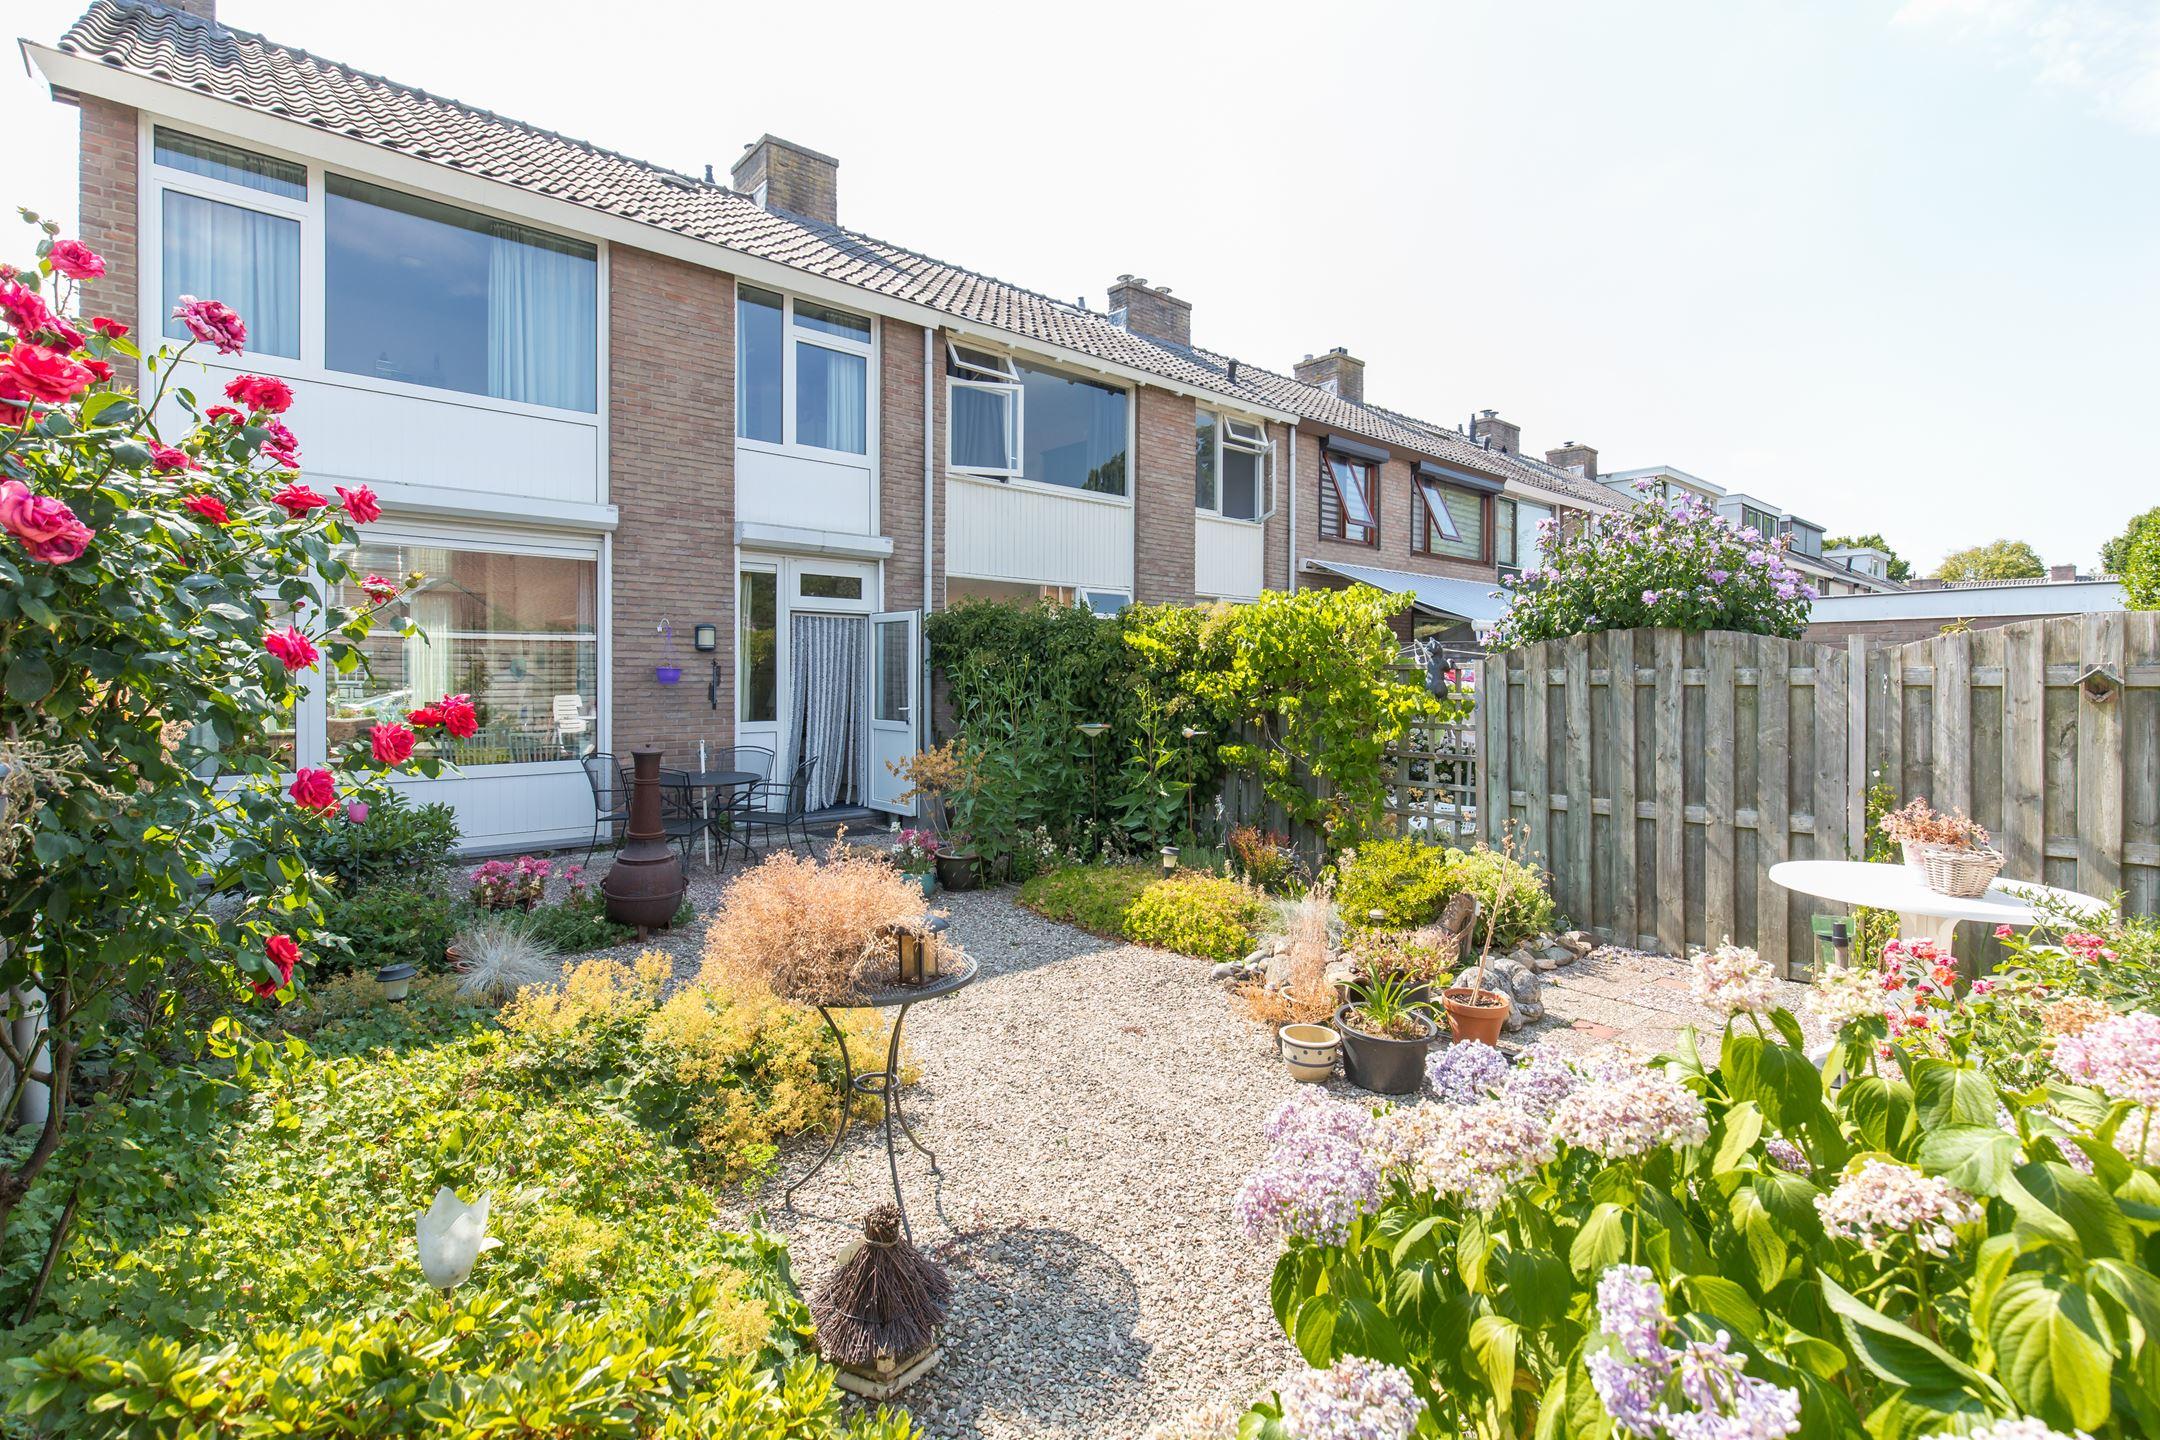 Huis te koop mazurkastraat 2 6544 sg nijmegen funda for Huis te koop in nijmegen